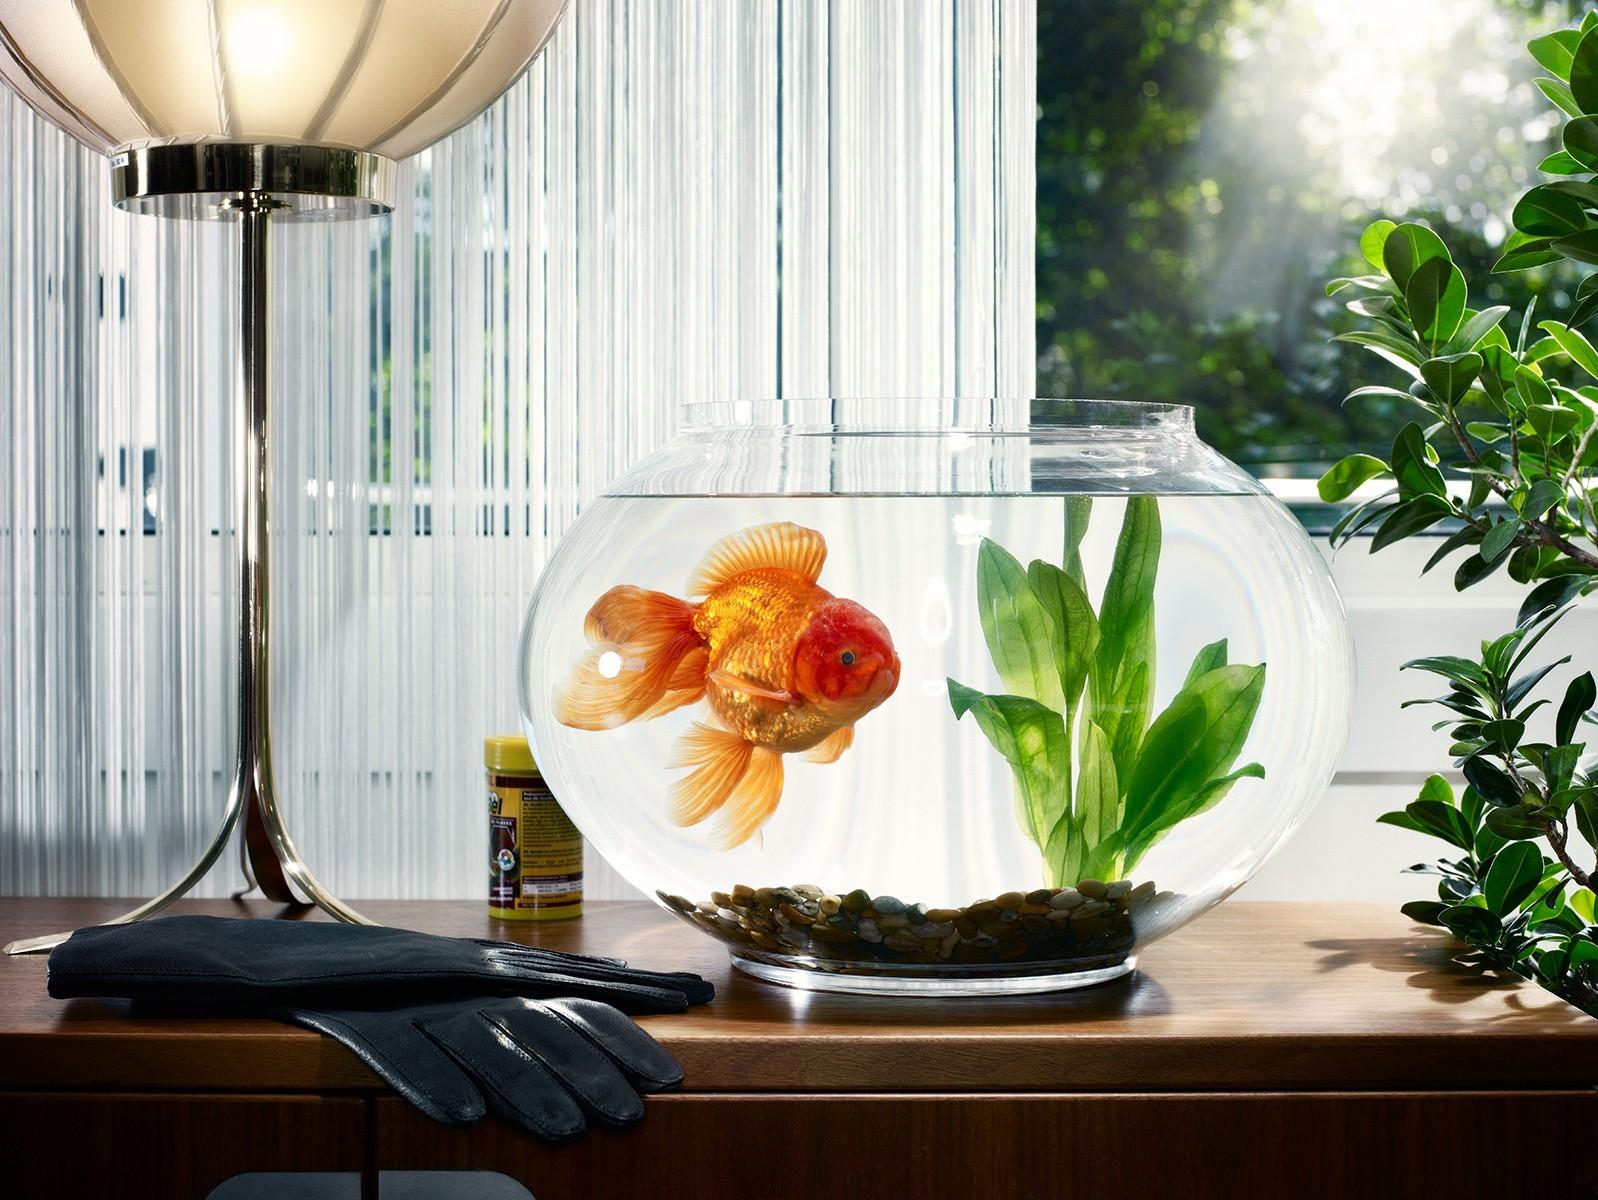 мало сколько рыбок в аквариуме для здоровья по фэншую мам термобелье